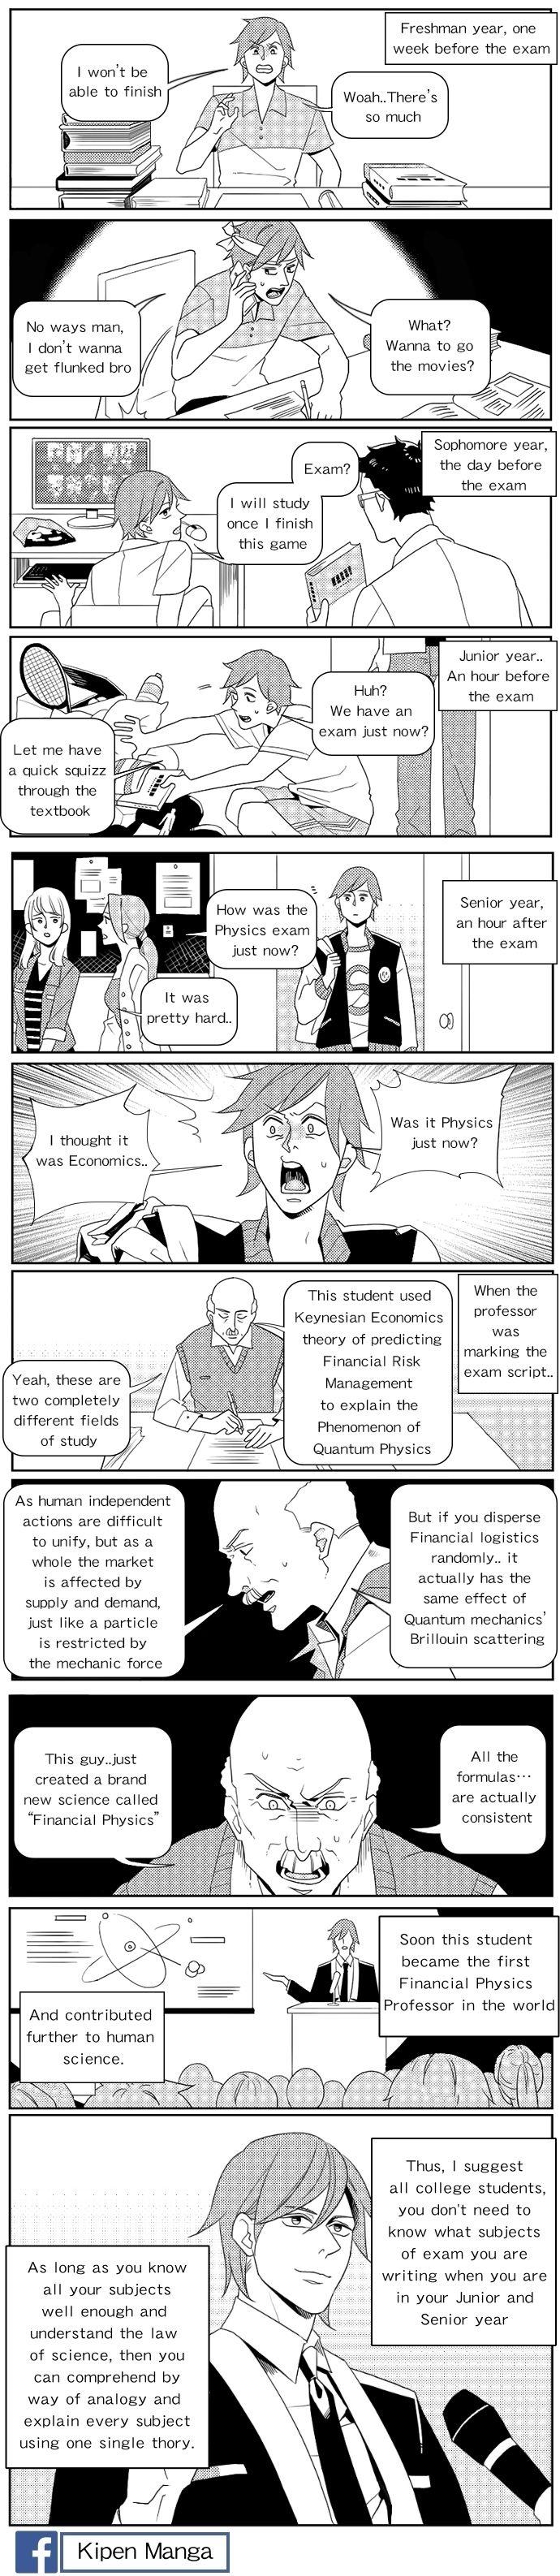 Kipen Manga-The exam